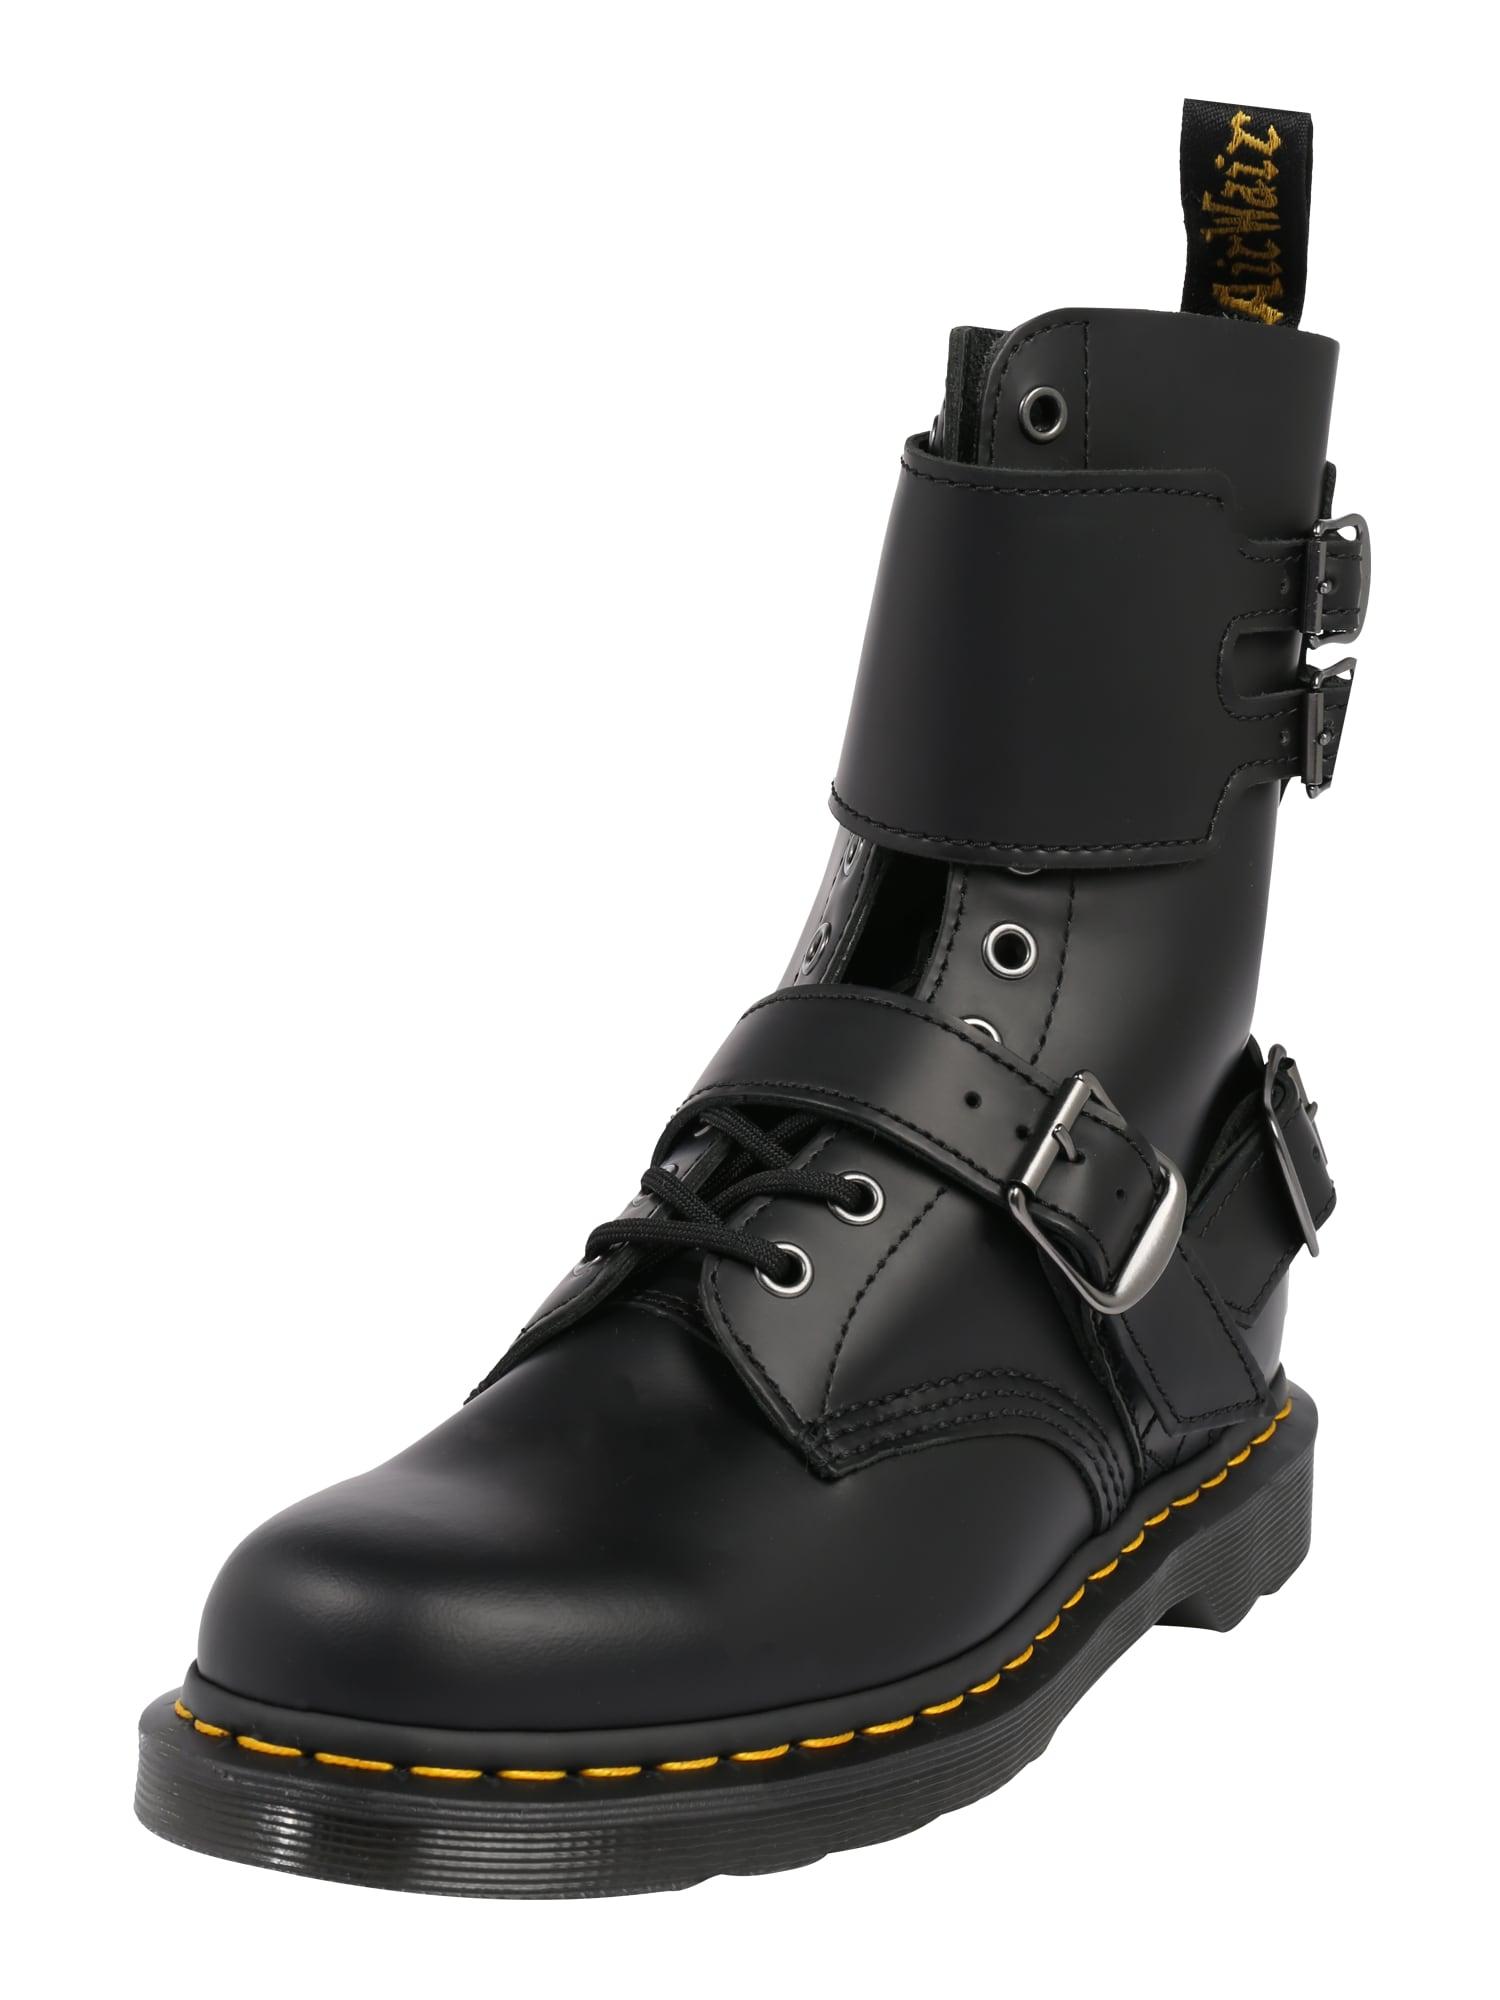 Dr. Martens Auliniai batai '1490 Joska' juoda